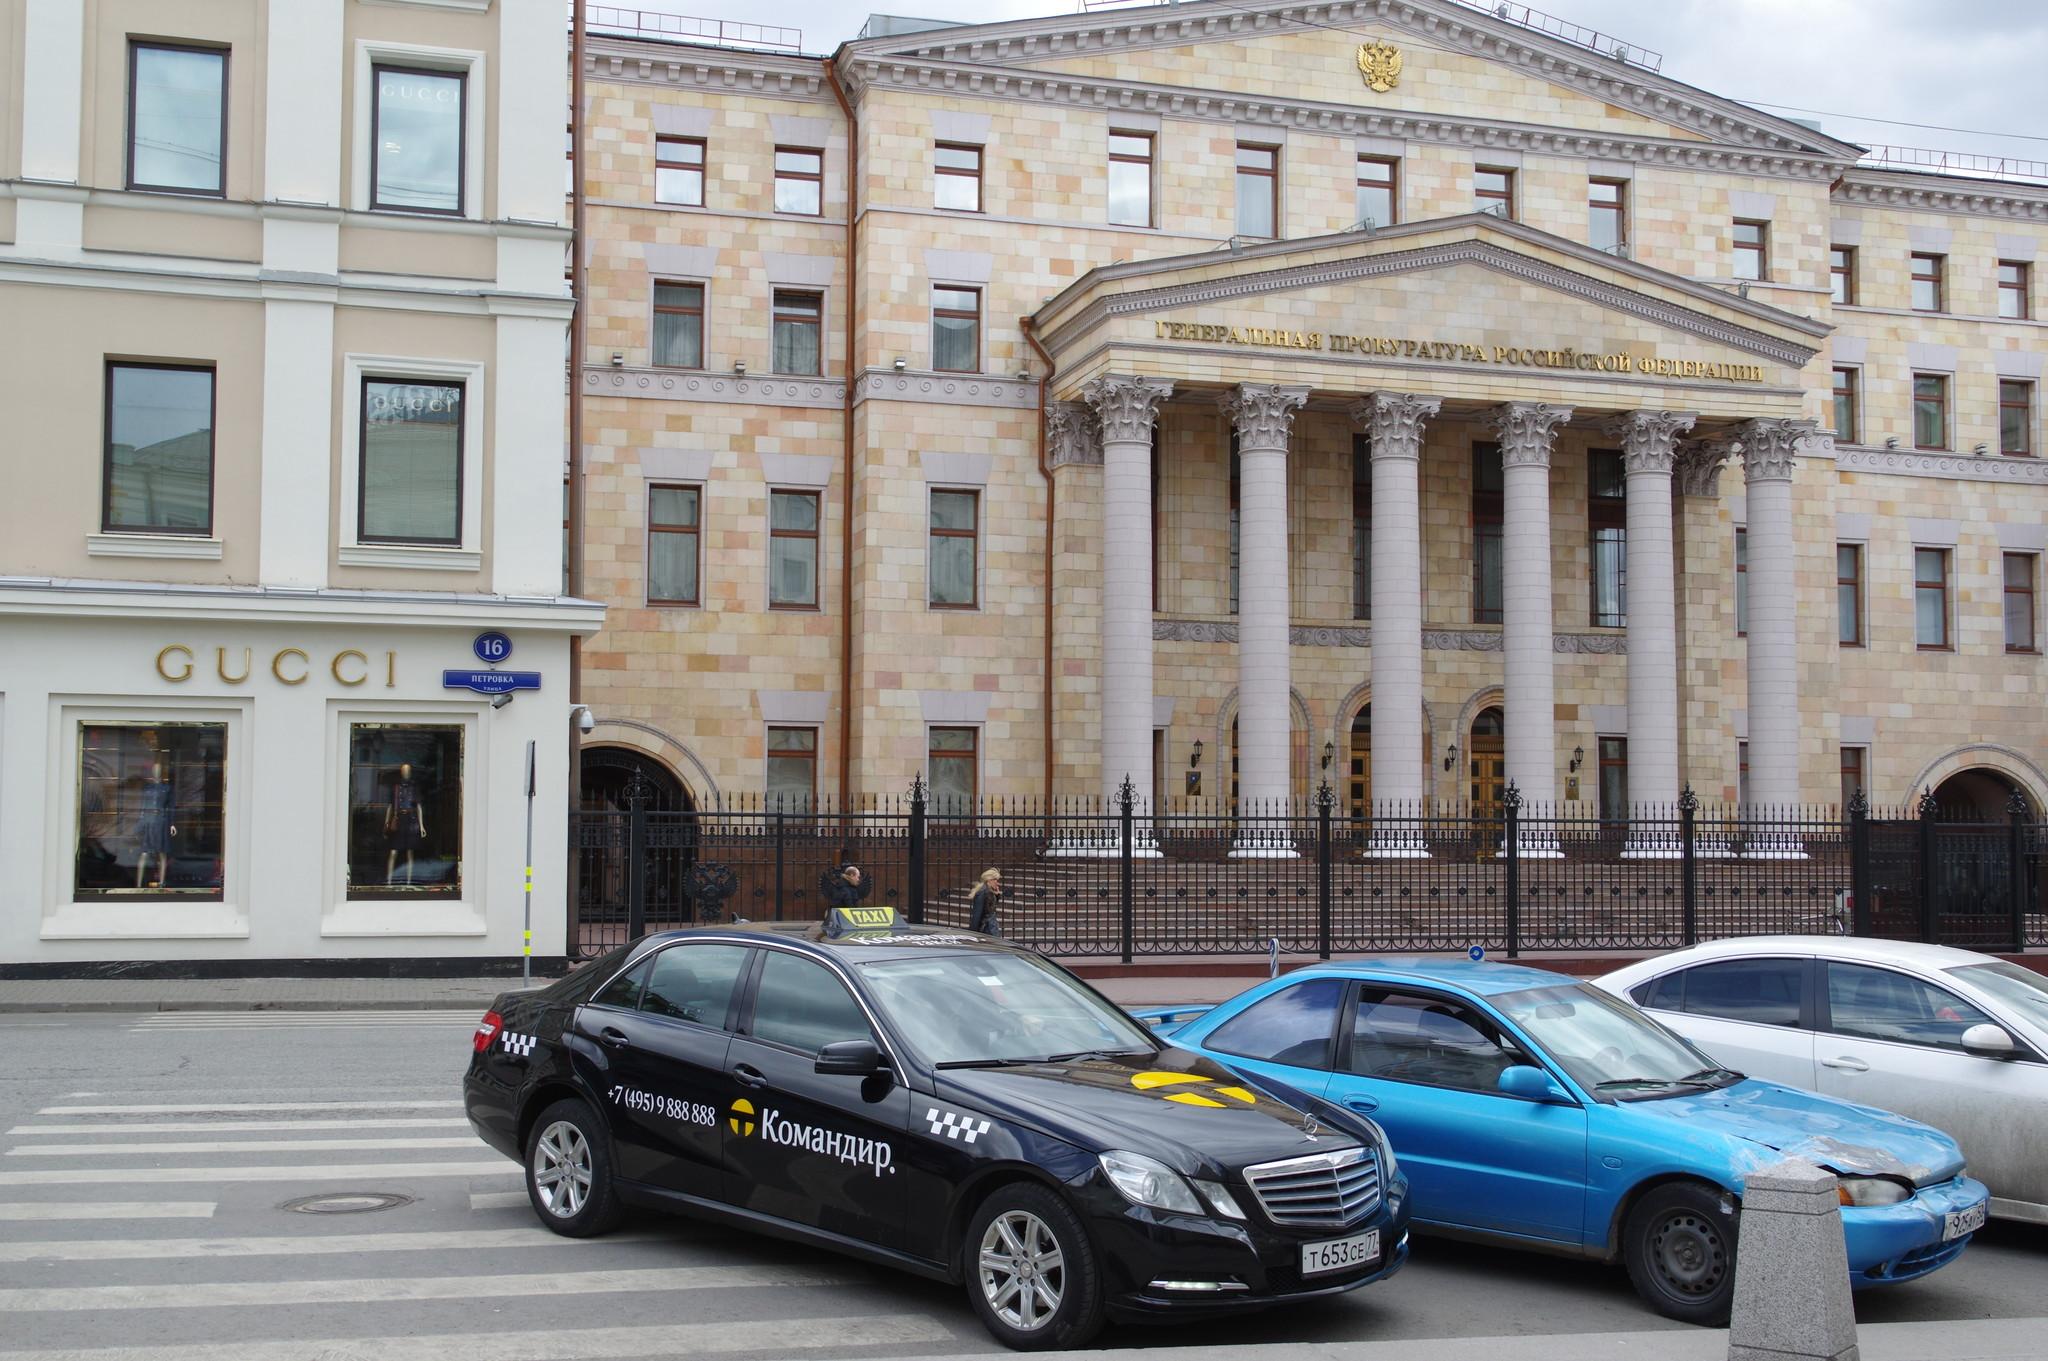 Здание Генеральной прокуратуры Российской Федерации на Петровке